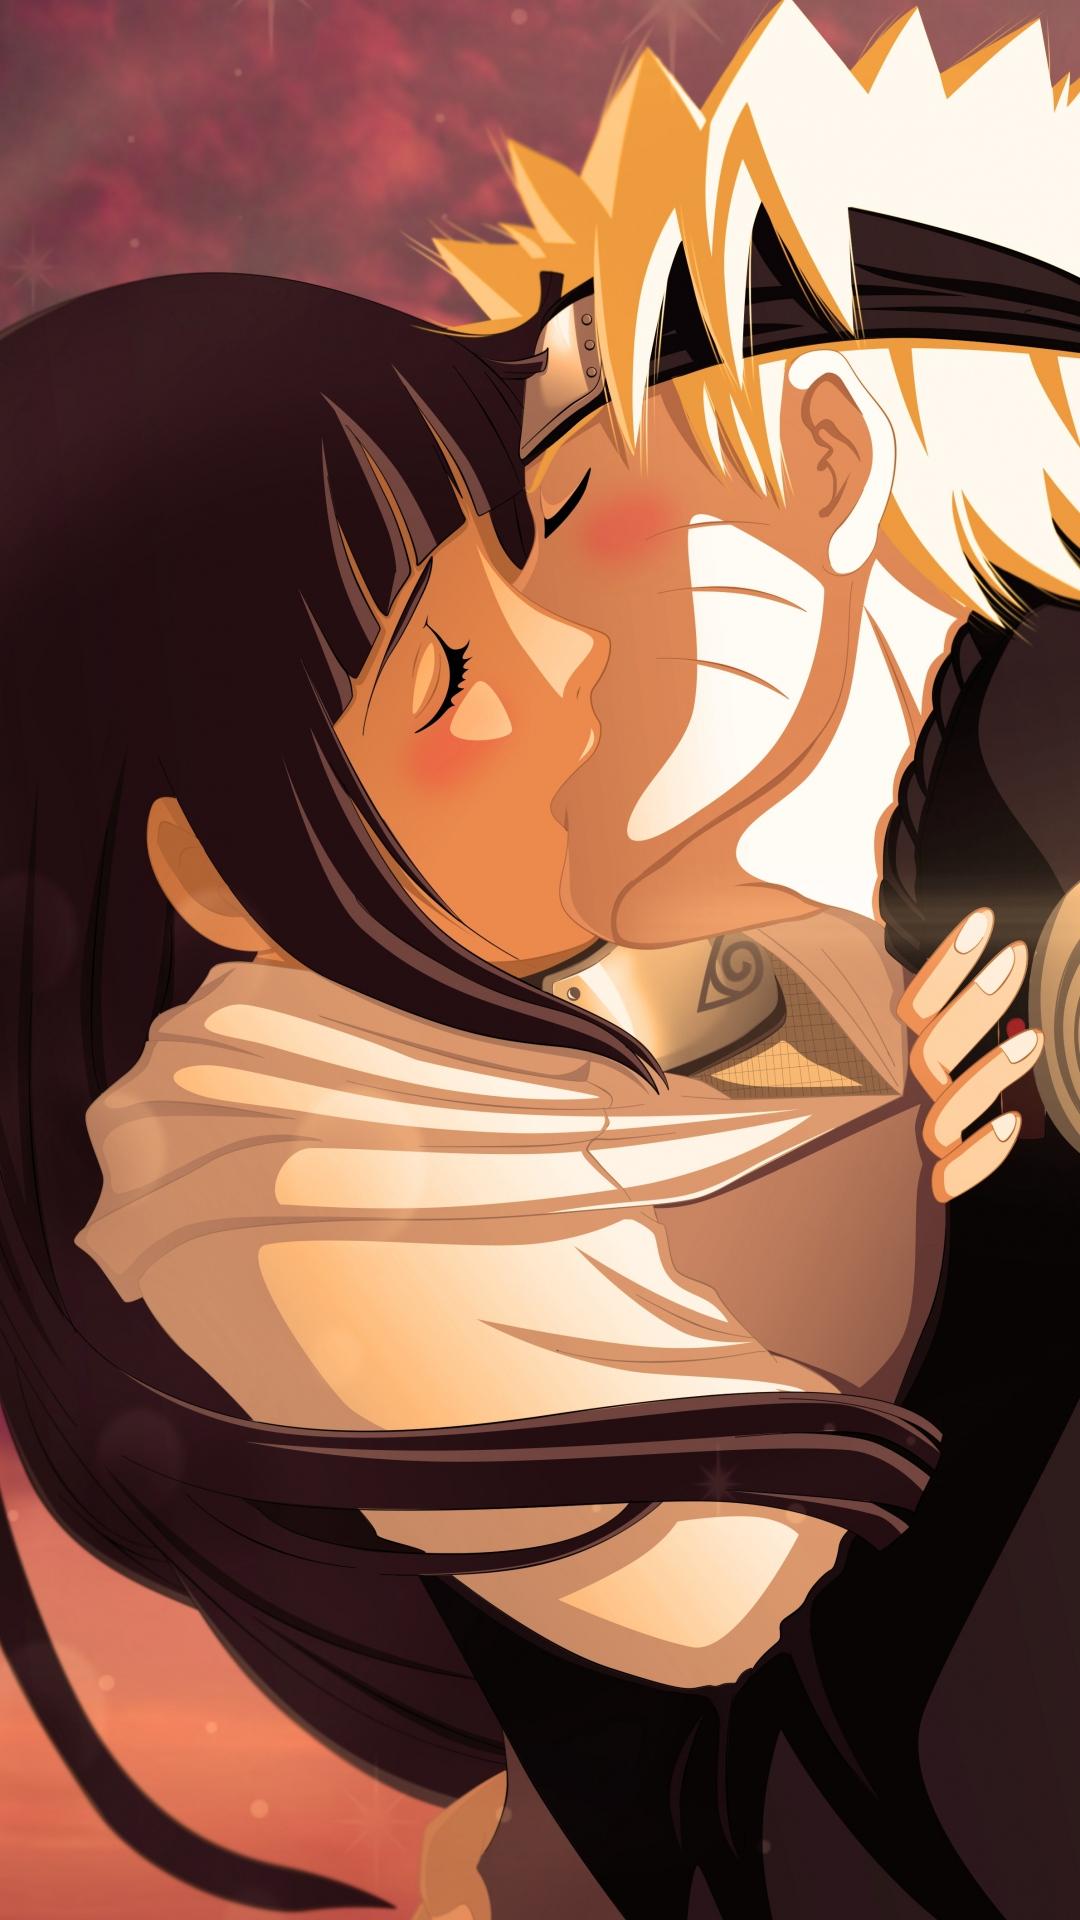 naruto uzumaki naruto hyuuga hinata girl boy kiss android wallpaper android hd wallpapers